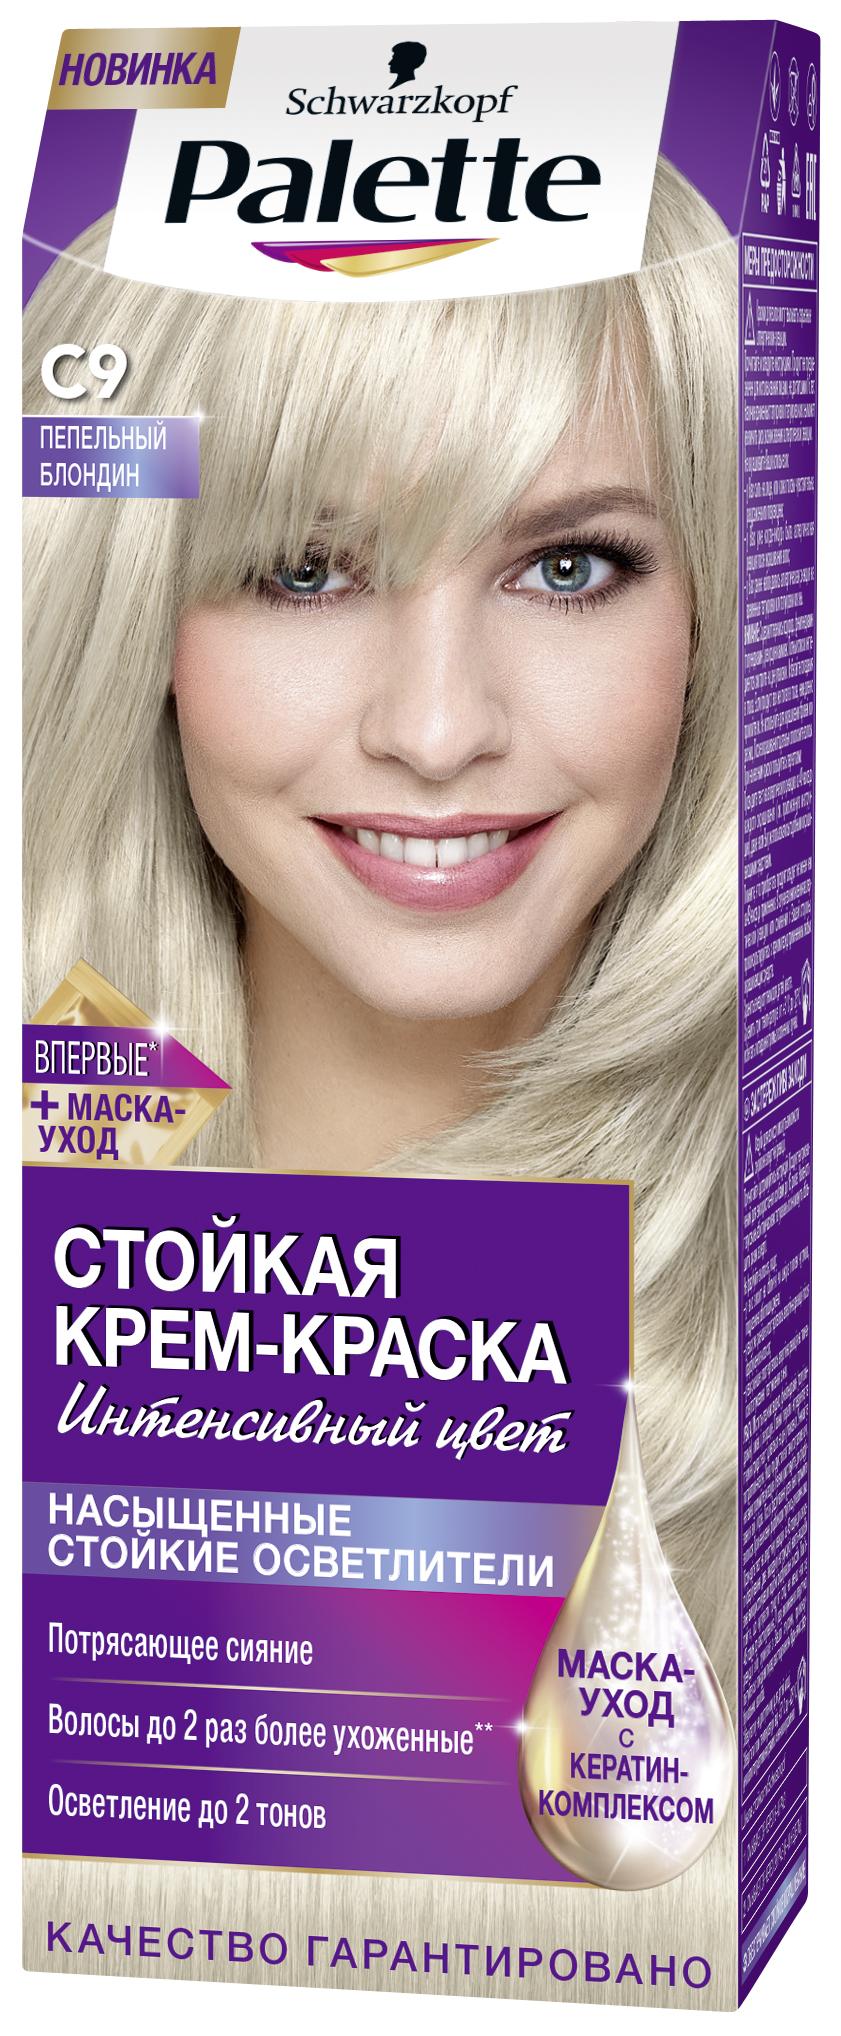 Palette Стойкая крем-краска C9 Пепельный блондин 110мл051756805032Знаменитая краска для волос Palette при использовании тщательно окрашивает волосы, стойко сохраняет цвет, имеет множество разнообразных оттенков на любой, самый взыскательный, вкус.